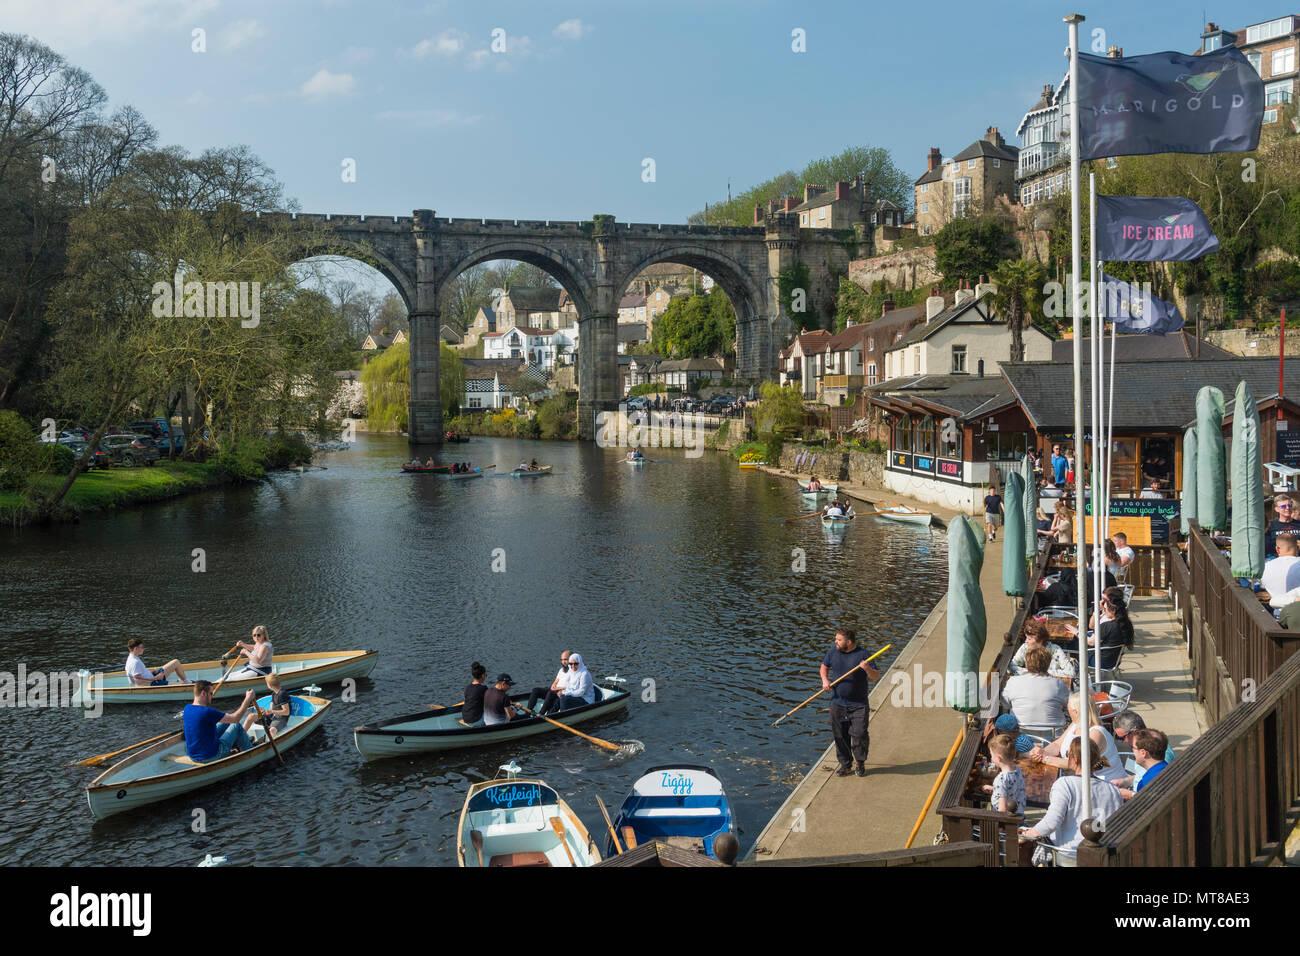 Blue sky & persone rilassante da ponte a riverside cafe & barca a remi sul fiume Nidd - scenic soleggiata giornata estiva, Knaresborough, Inghilterra, Regno Unito. Immagini Stock